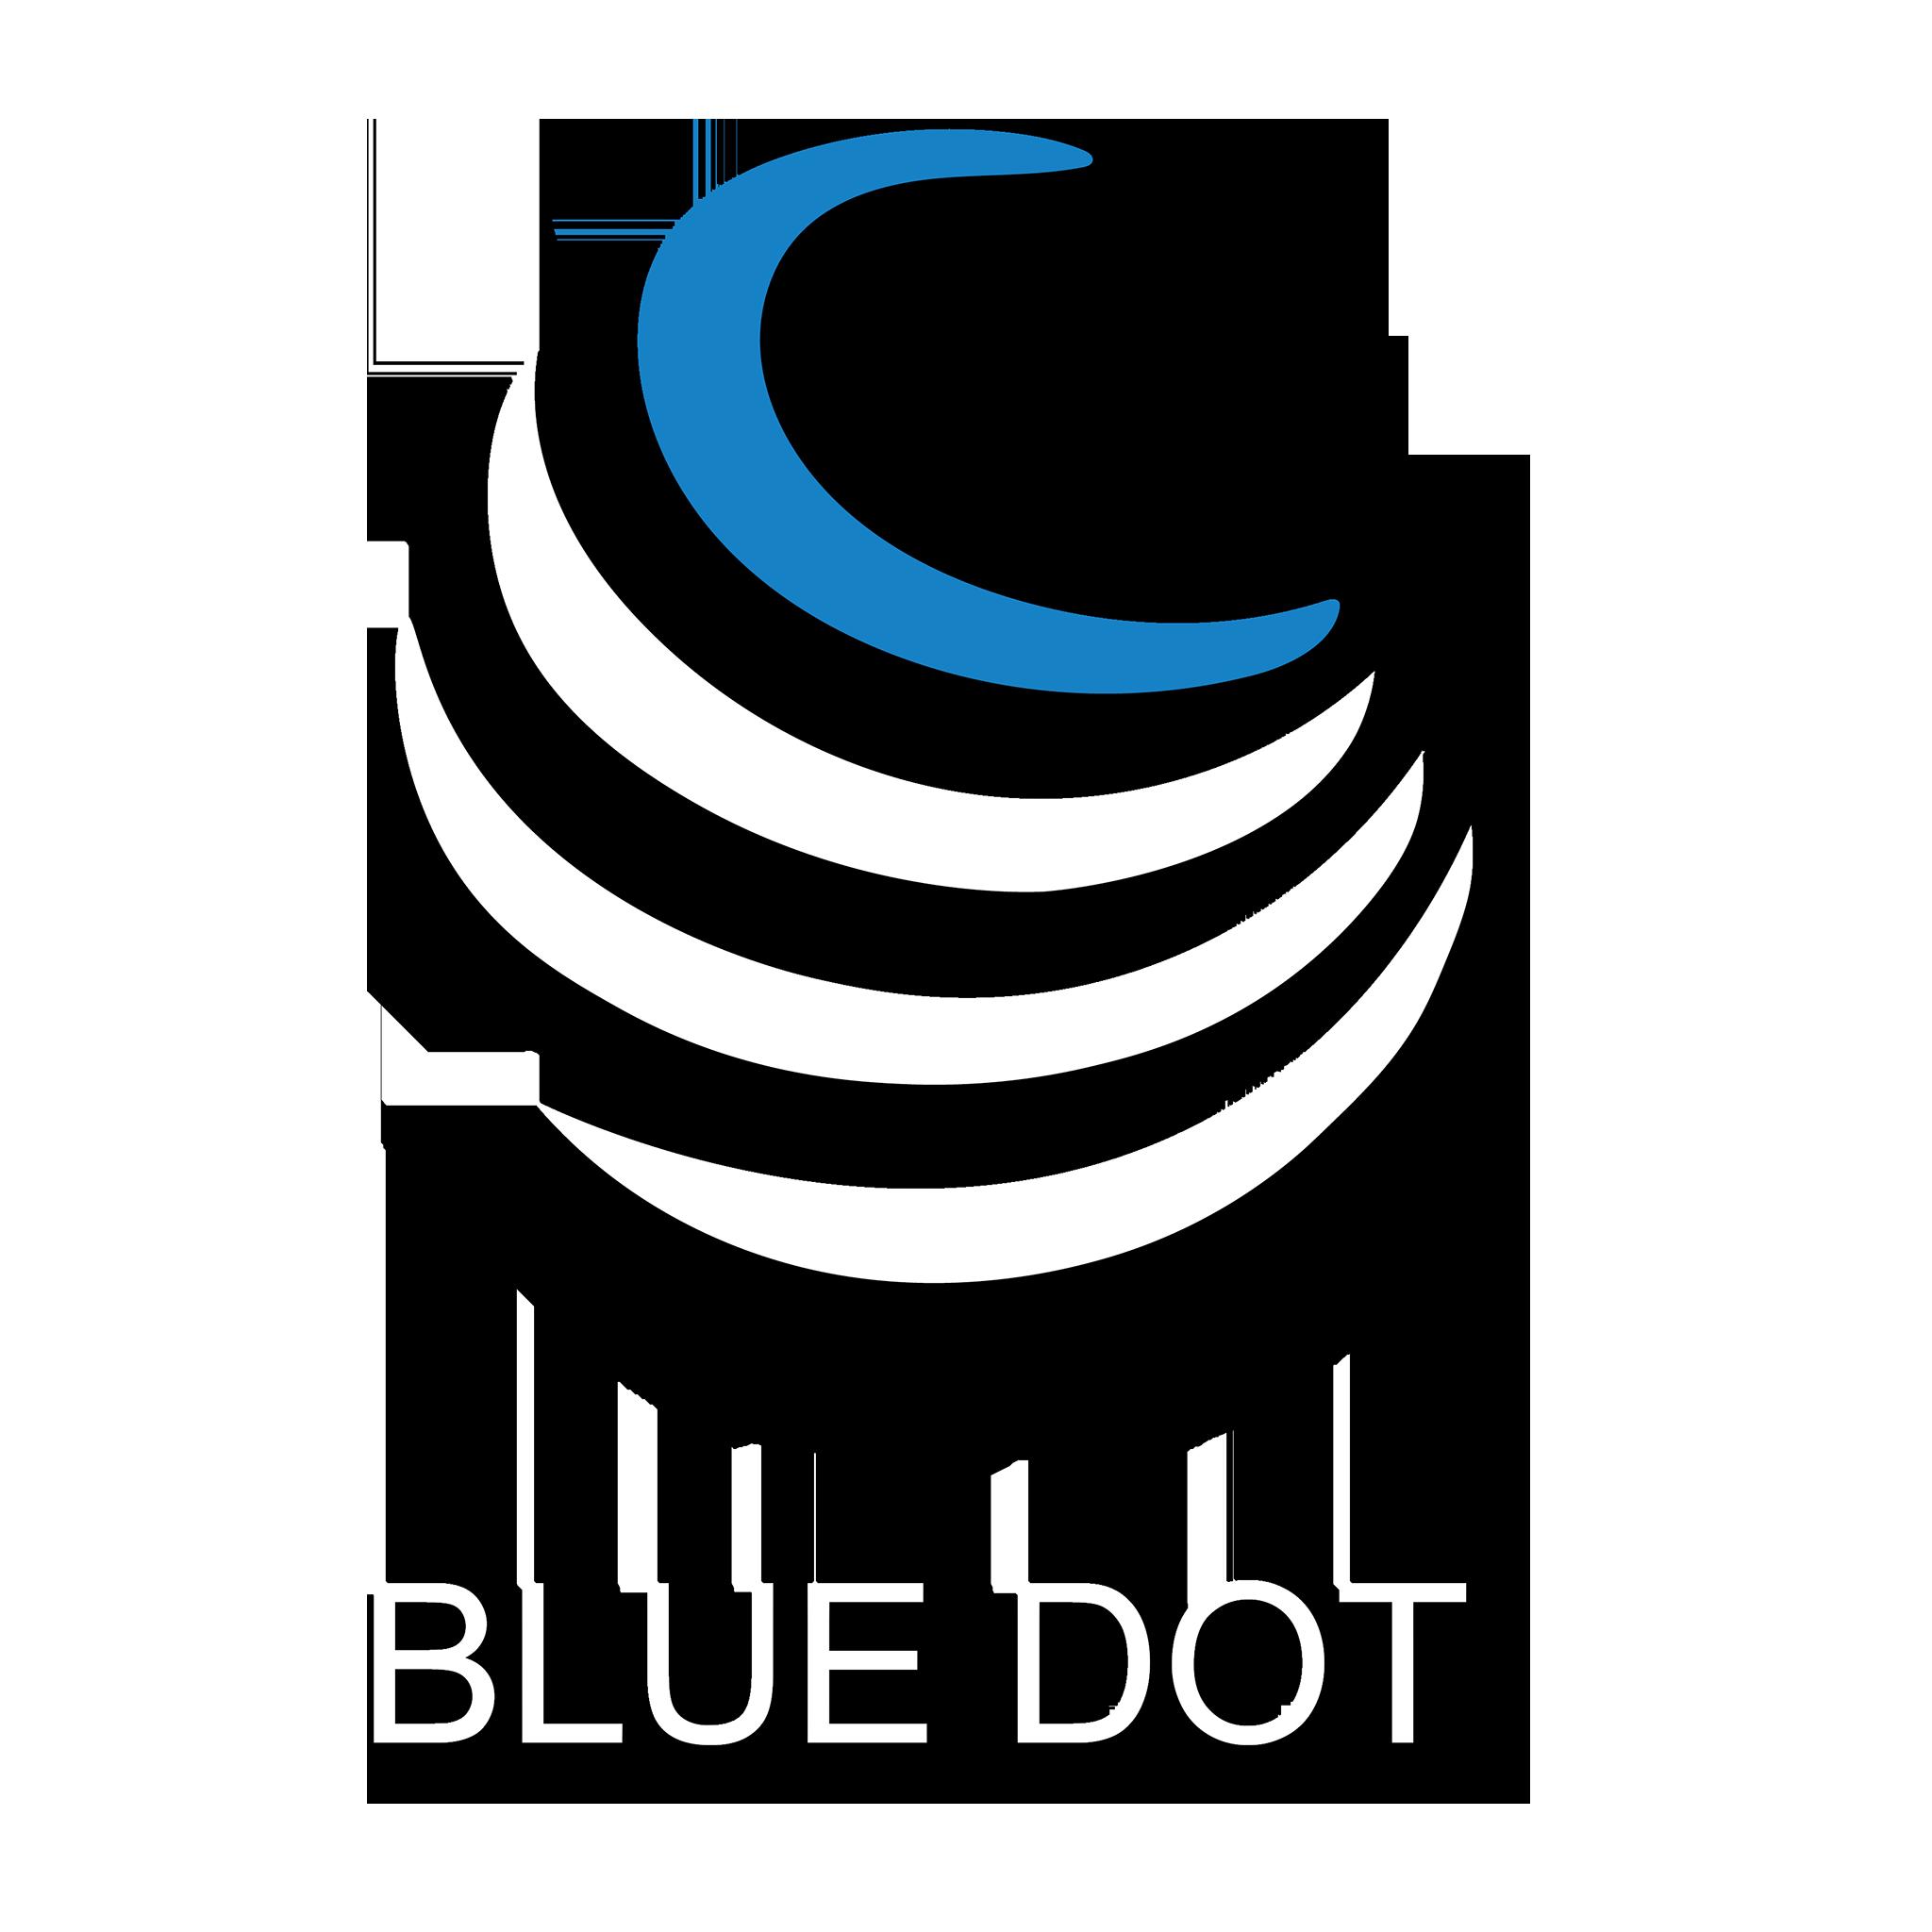 BlueDotCC, 蓝点文化创意